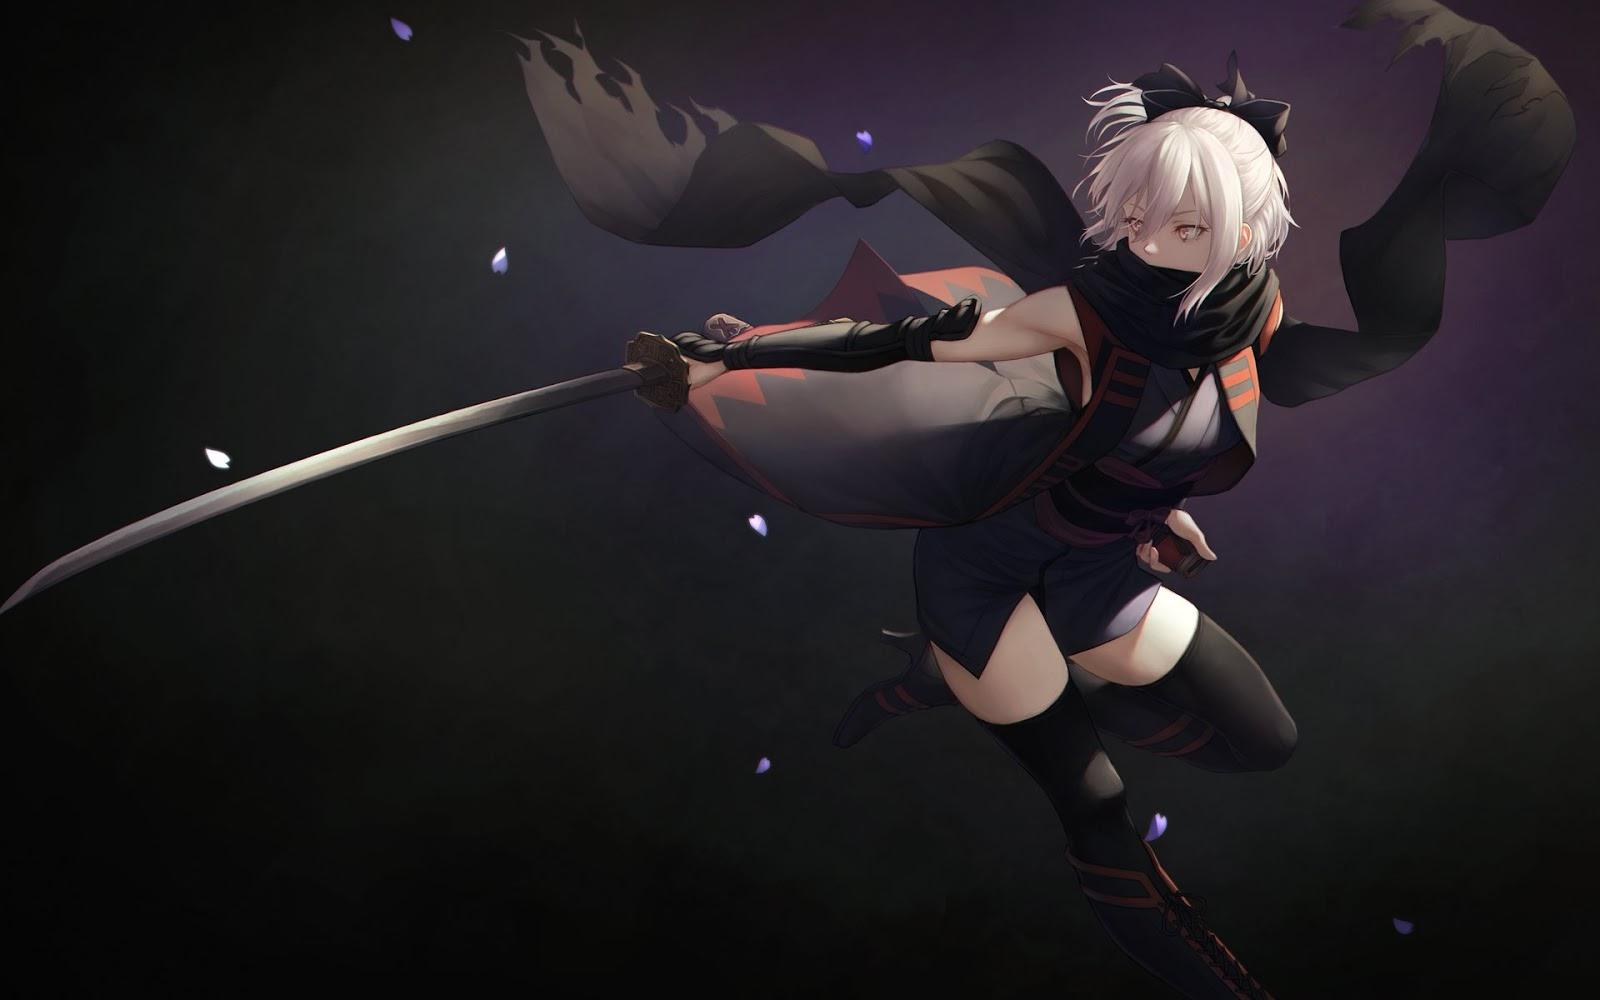 Fate AowVN%2B%252829%2529 - [ Hình Nền ] Anime Fate/GrandOrder tuyệt đẹp Full HD | Wallpaper